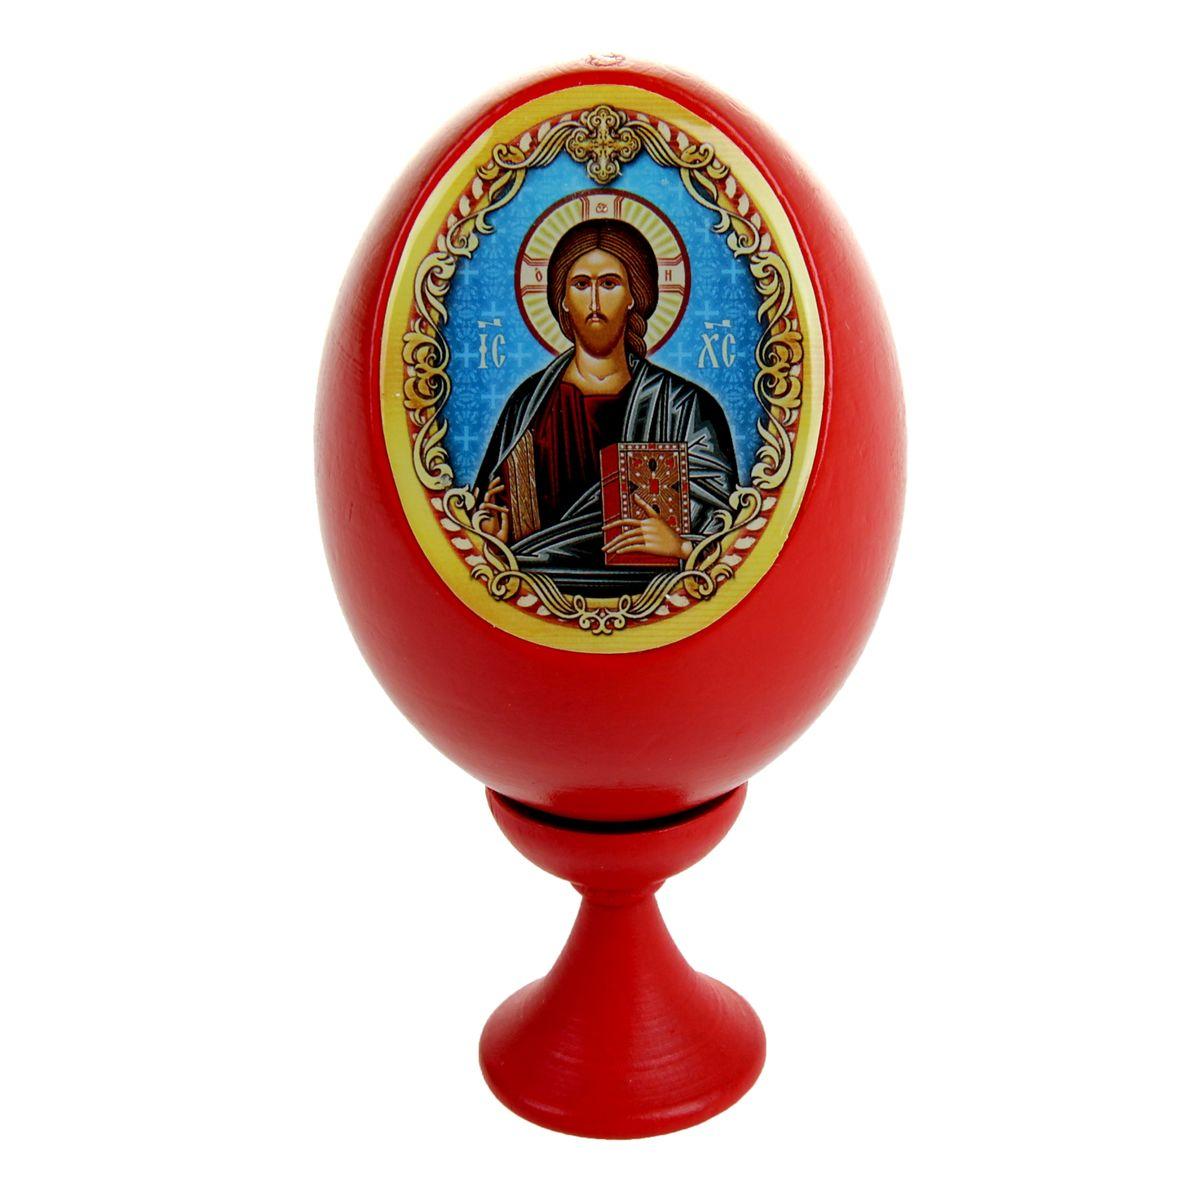 Яйцо декоративное Sima-land Господь Вседержитель, на подставке, высота 11 см яйцо декоративное sima land христос воскресший на подставке высота 11 см